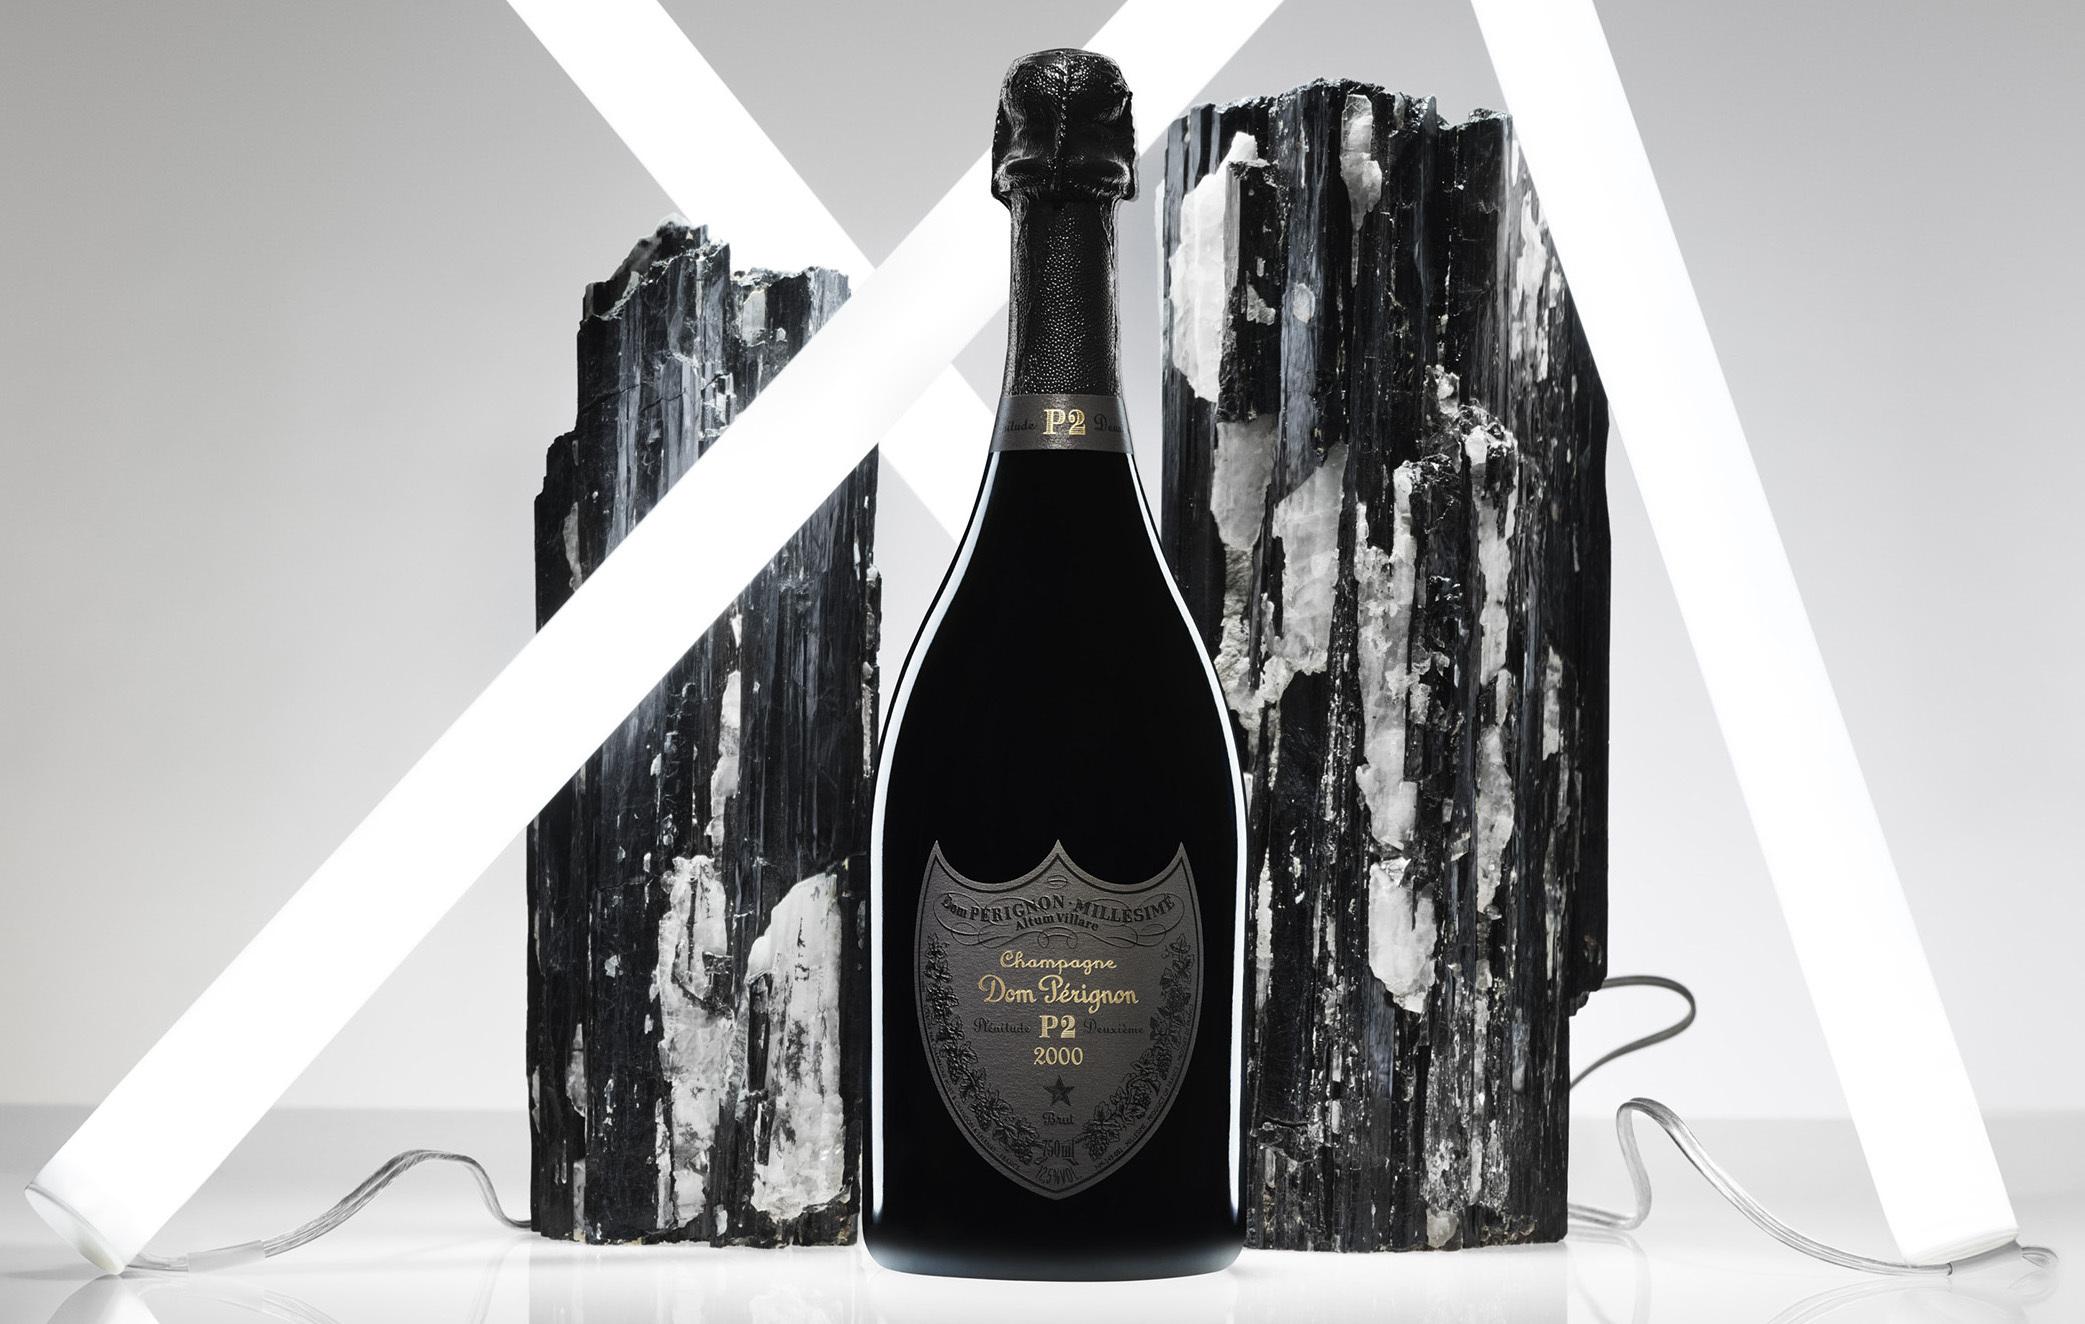 Dom Pérignon Launches Plénitude Deuxième P2 2000 In Singapore photo